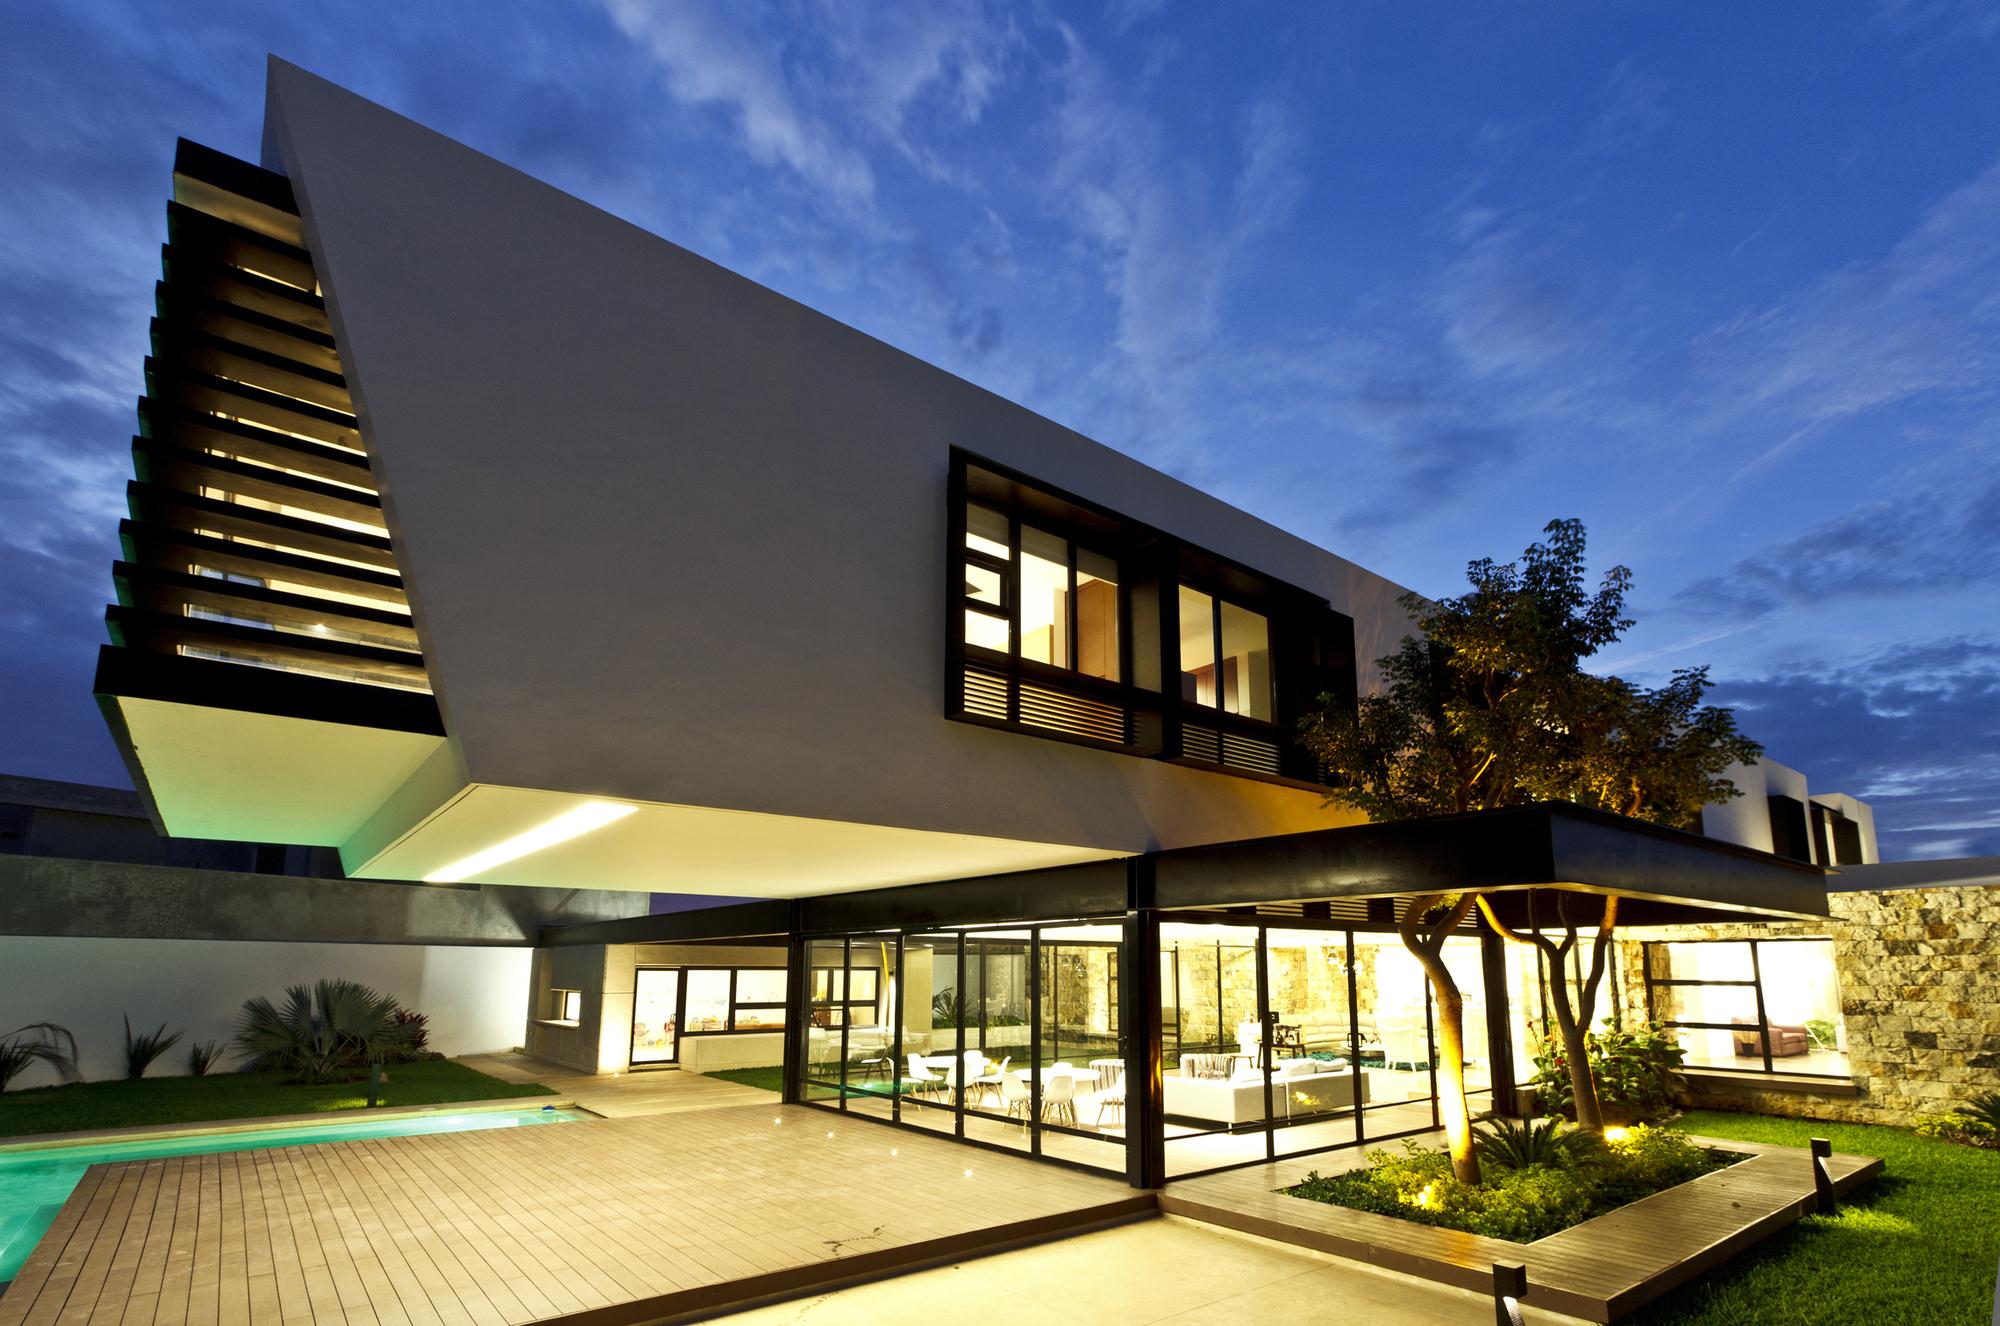 5305f41be8e44e12c0000002_temozon-house-carrillo-arquitectos-y-asociados_temozon_foto_10